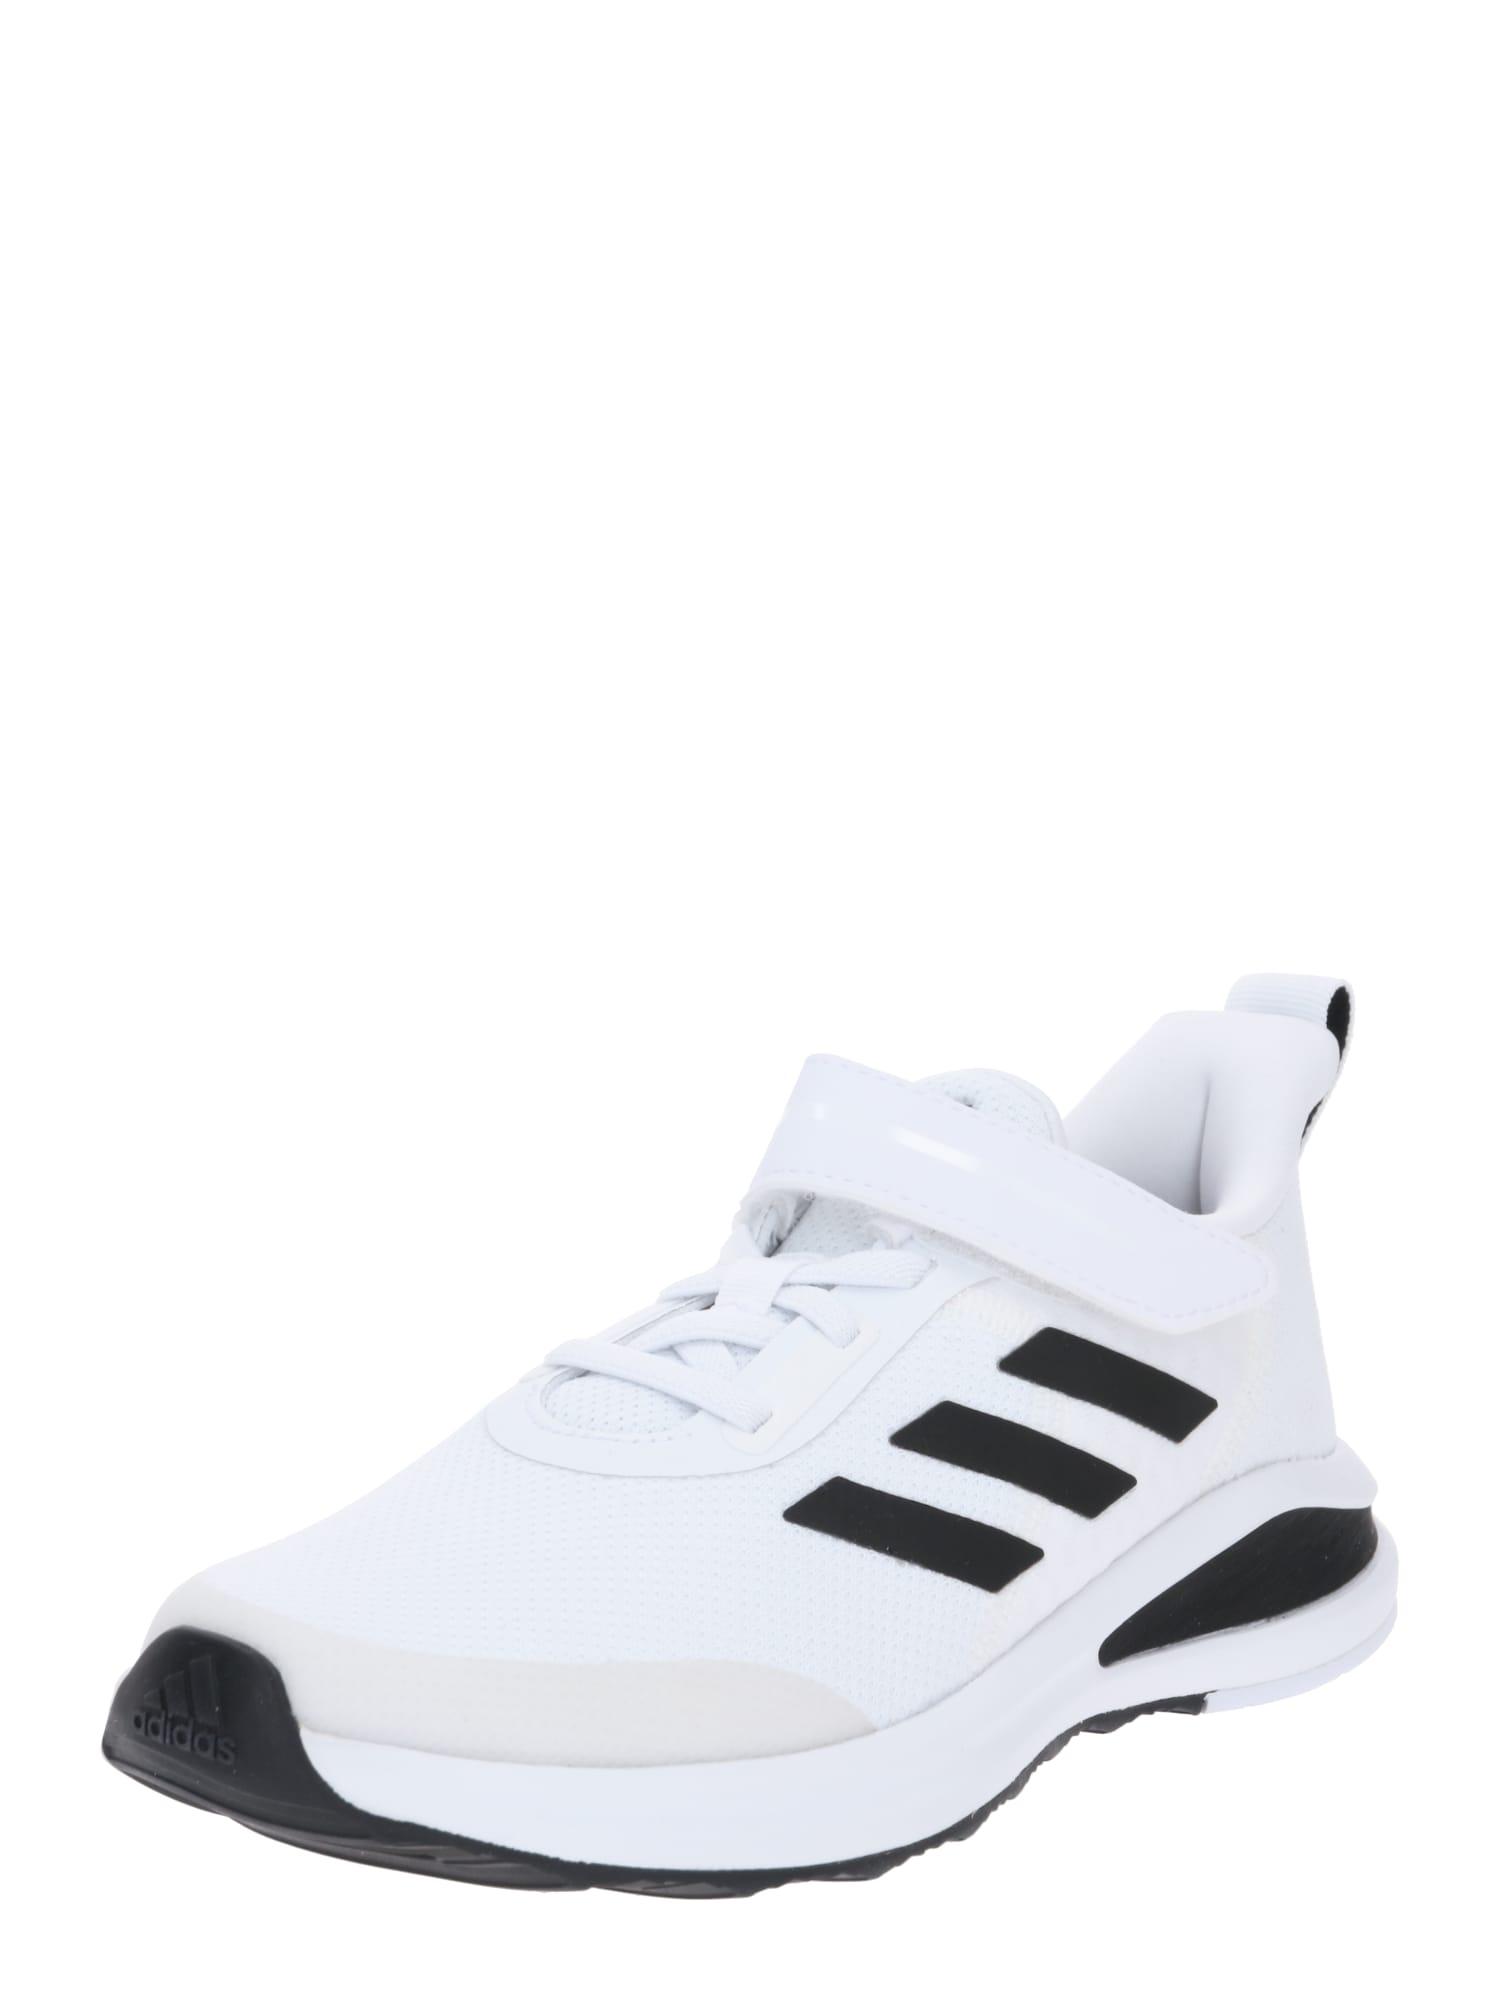 ADIDAS PERFORMANCE Sportovní boty 'FortaRun' bílá / černá